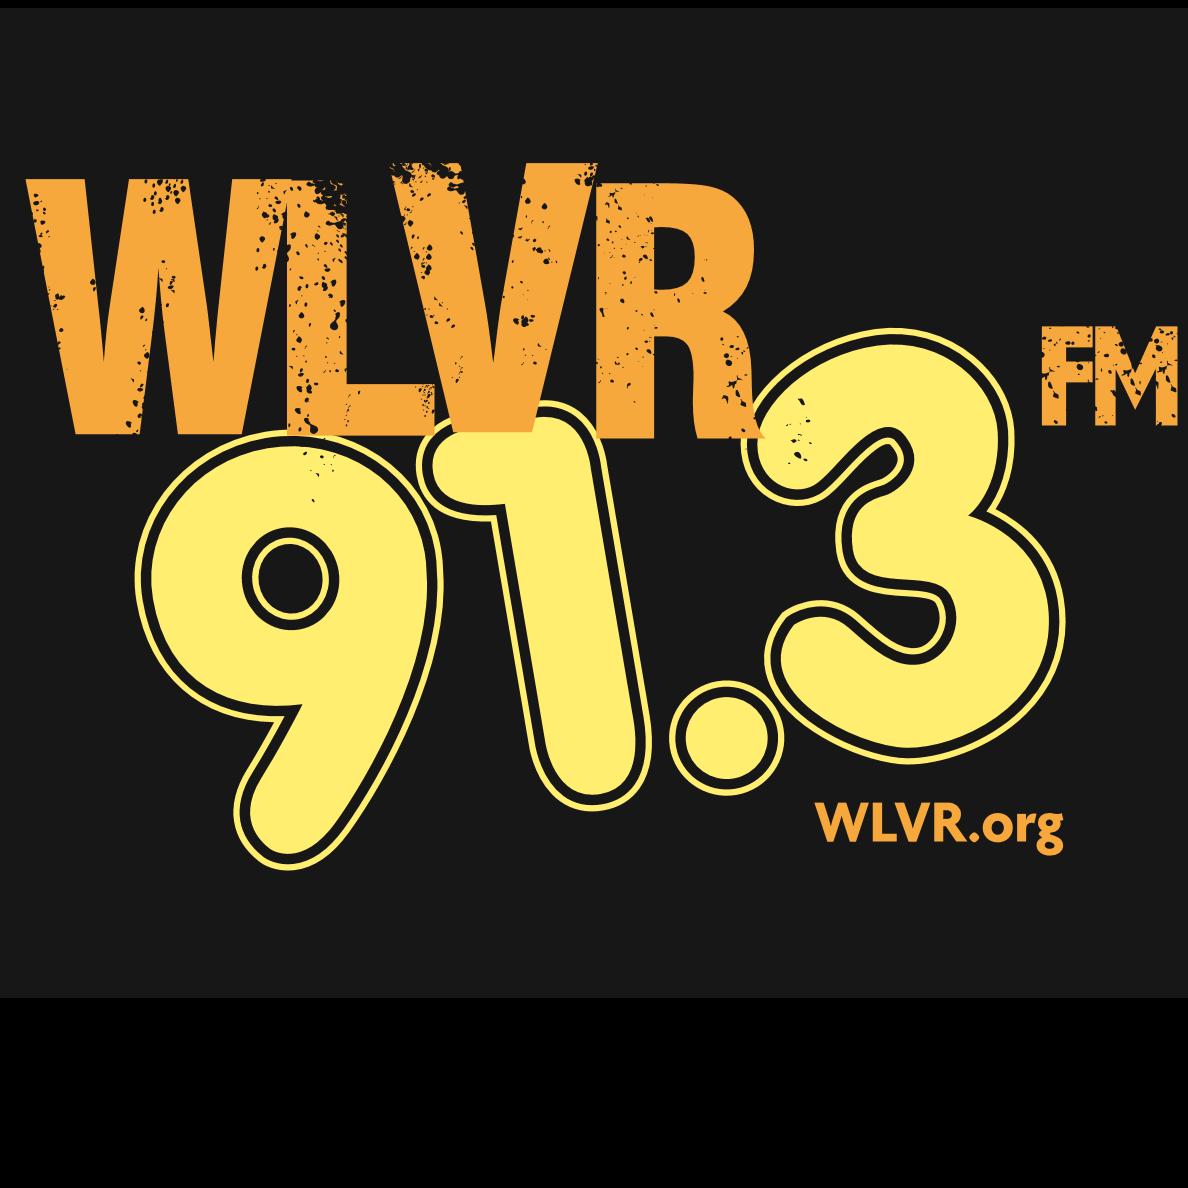 WLVR FM